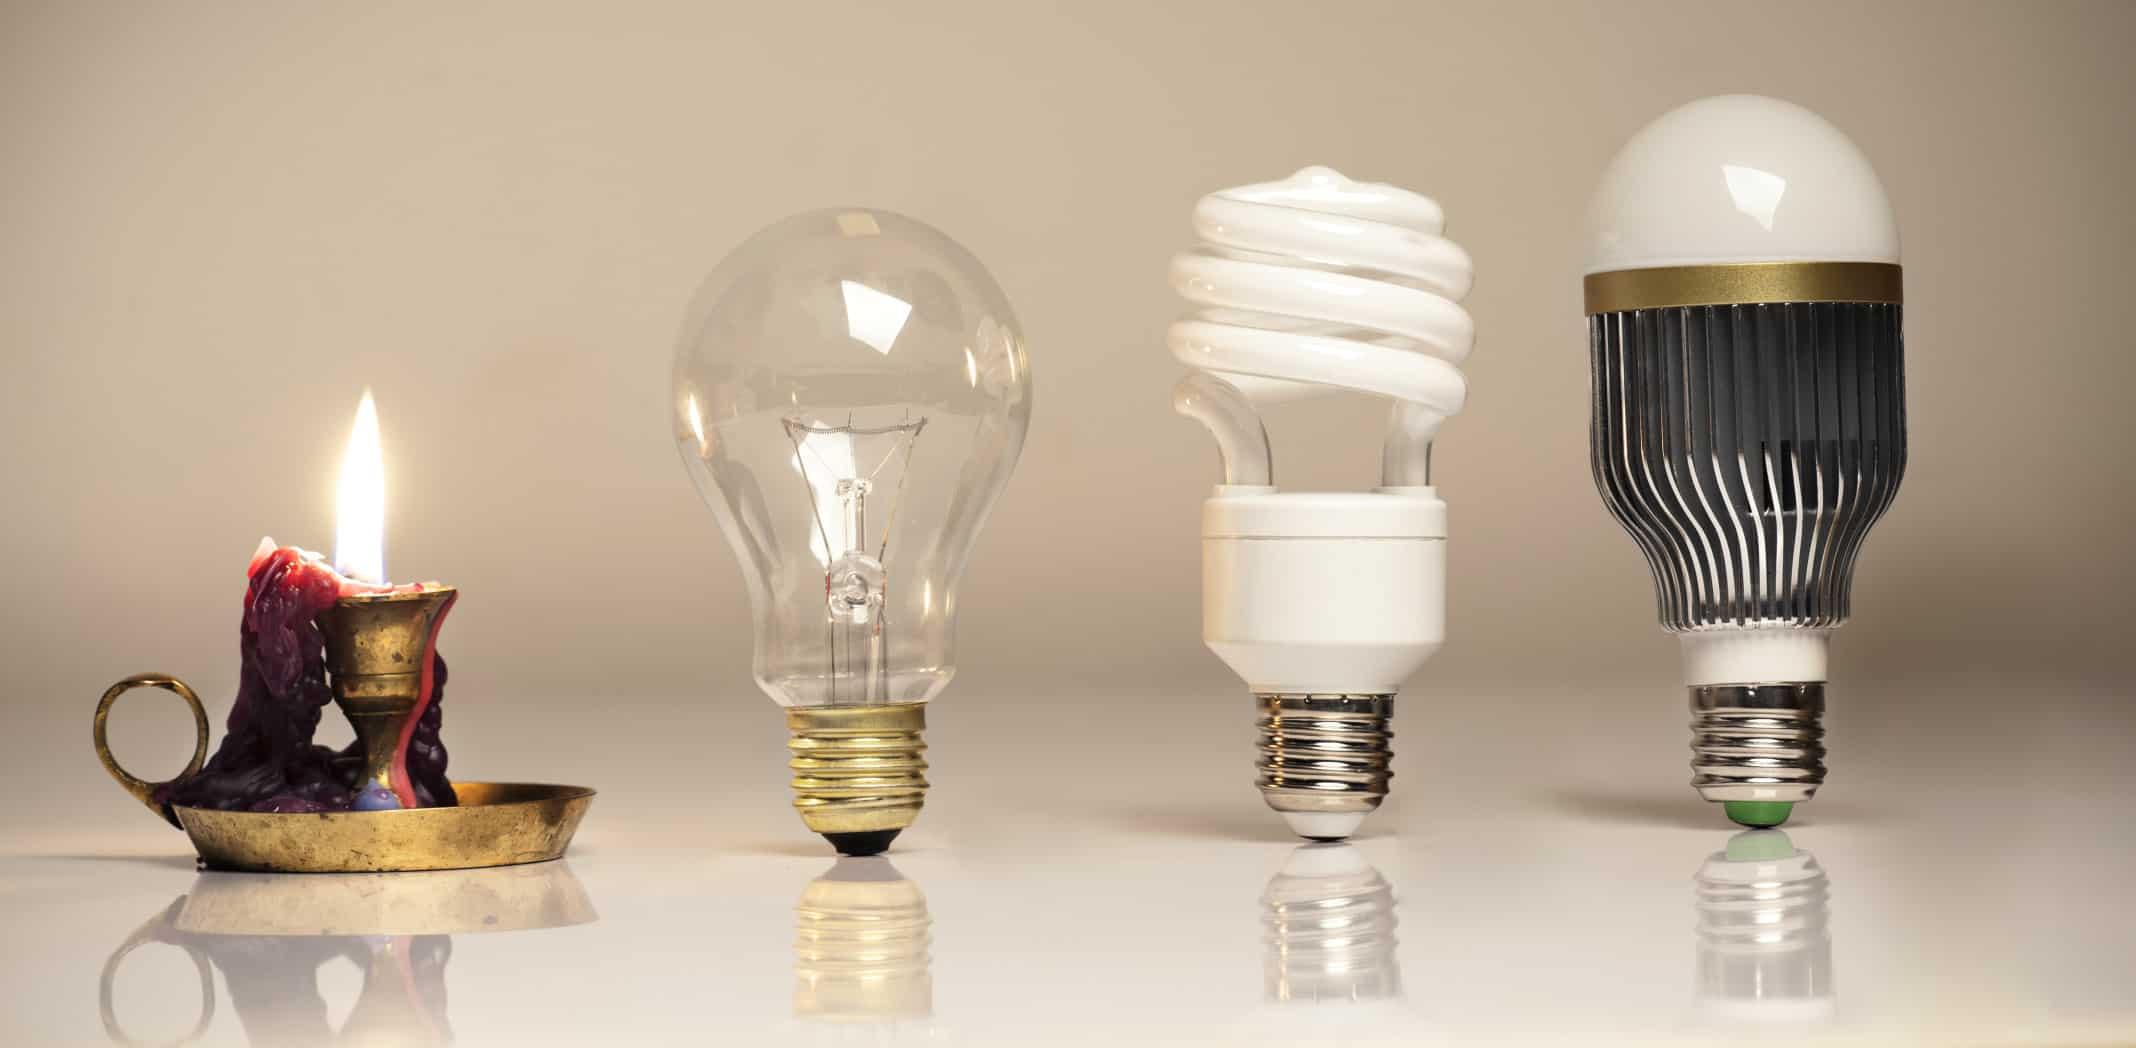 Welche Vorteile bringt die Umstellung auf die LED-Beleuchtung?